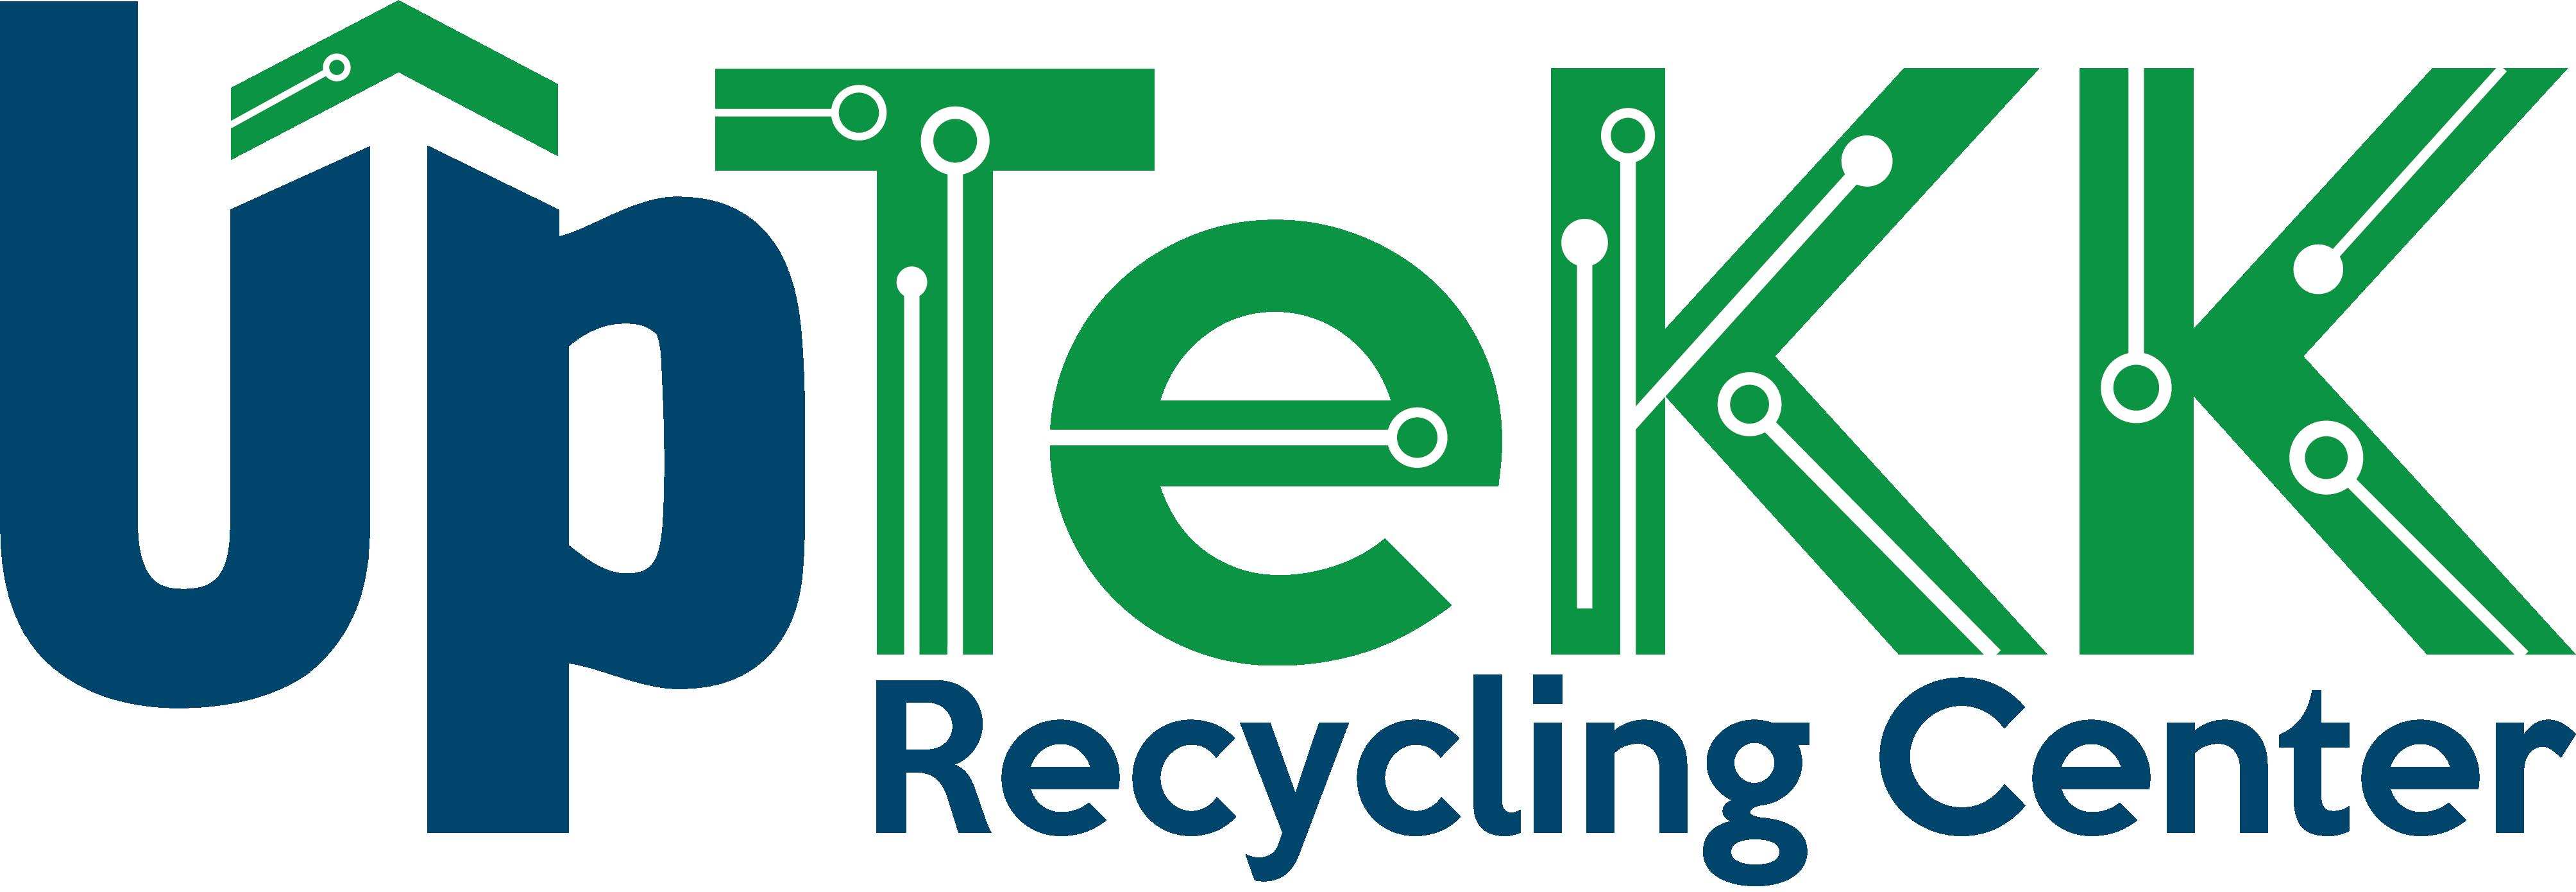 Uptekk | Recycled Electronics